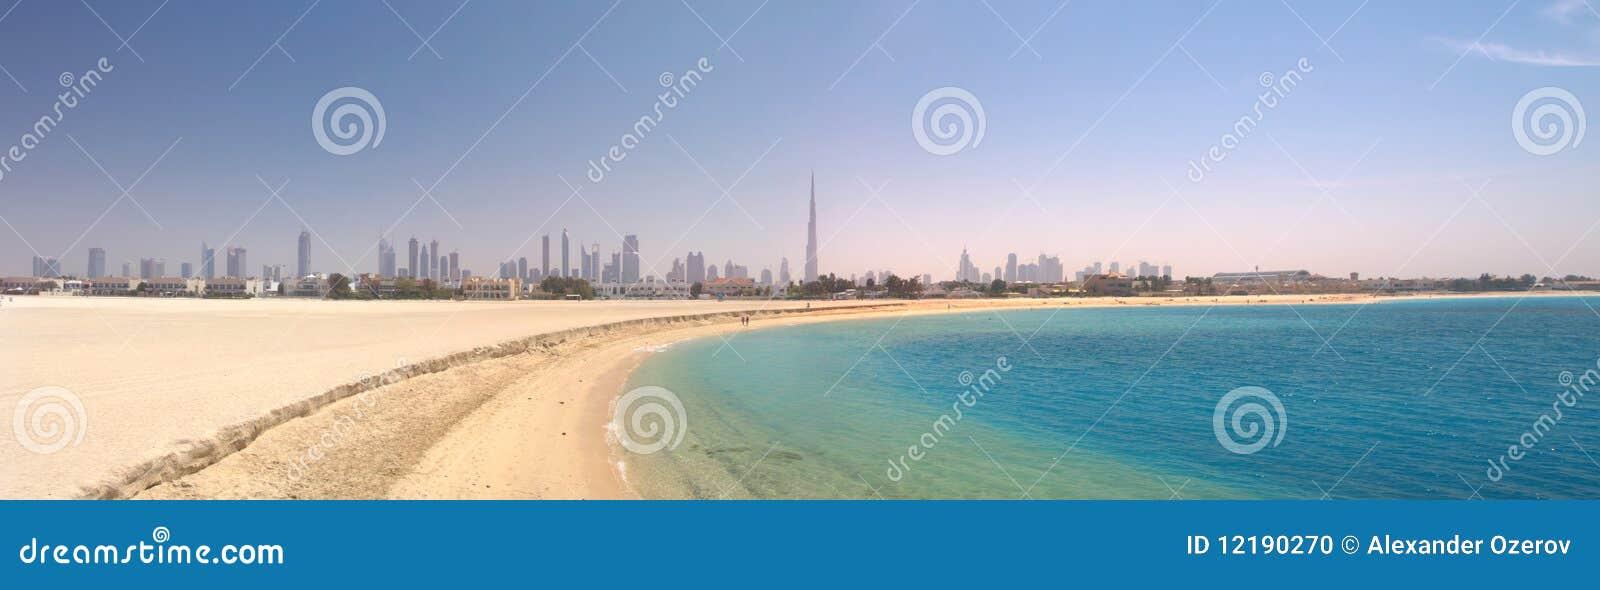 海滩美丽的迪拜全景海运